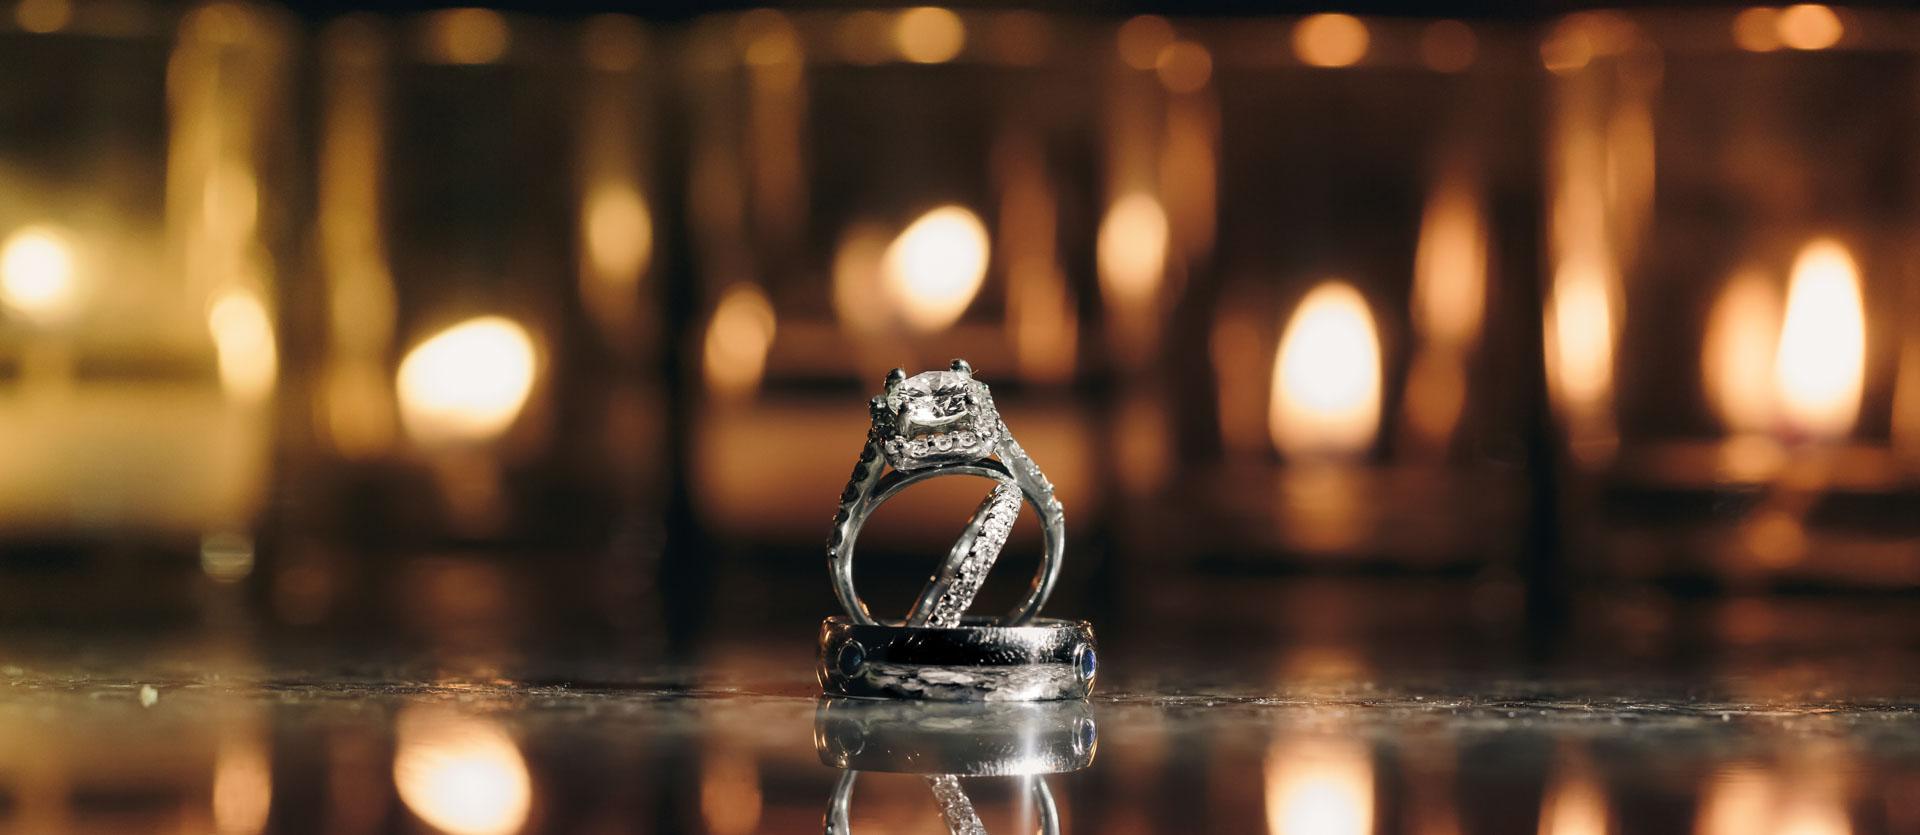 williams-rings